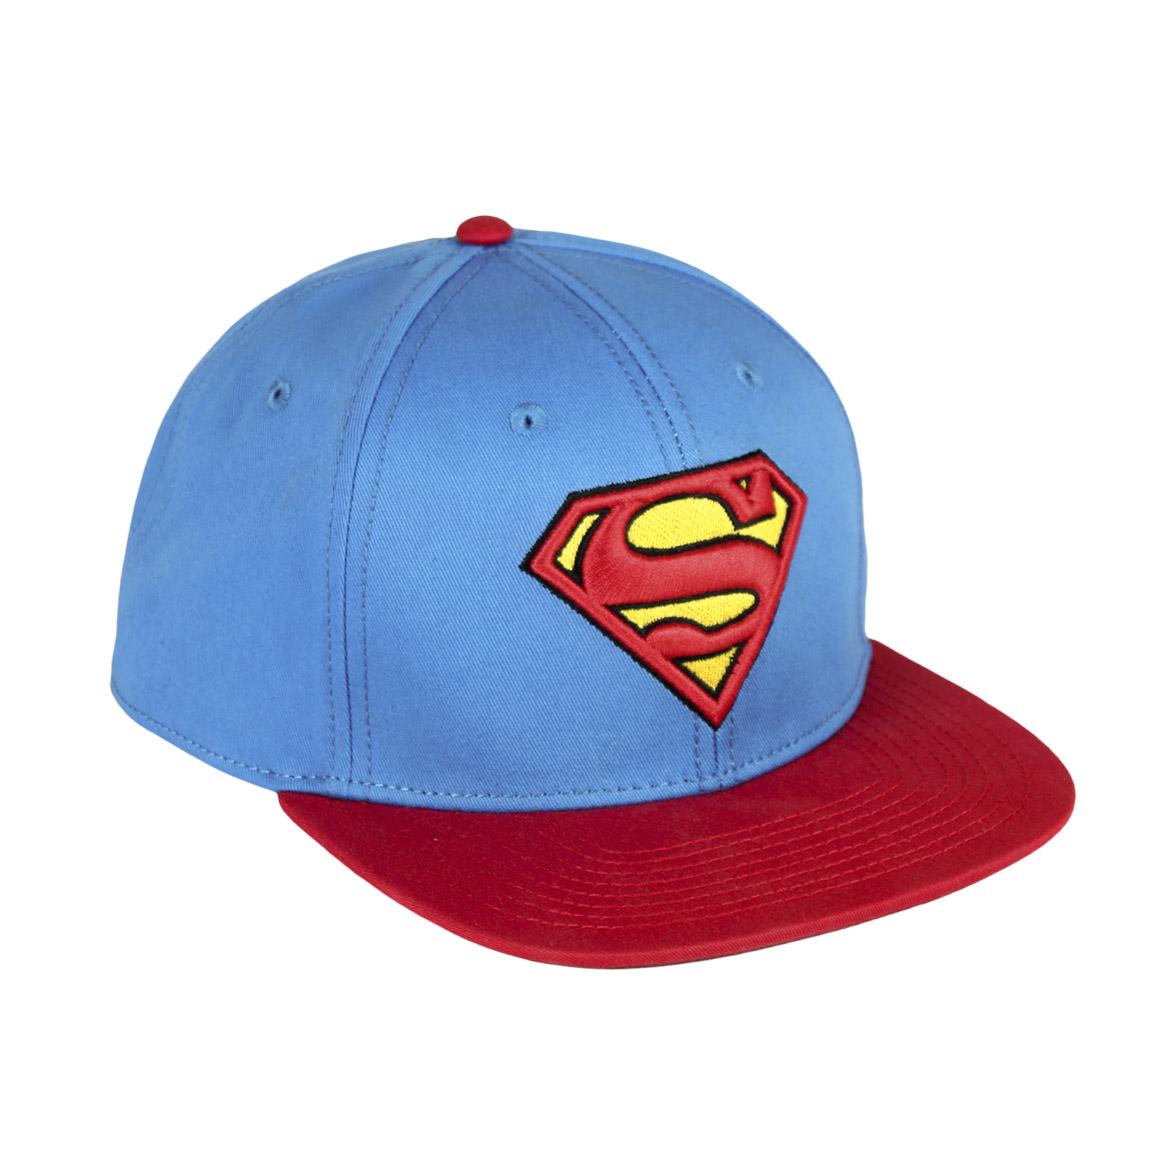 Superman baseball sapka I 2200000997 I Ár 3.990 Ft I eShop24 - Vásárolj  otthonról kényelmesen! edd90cf0aa